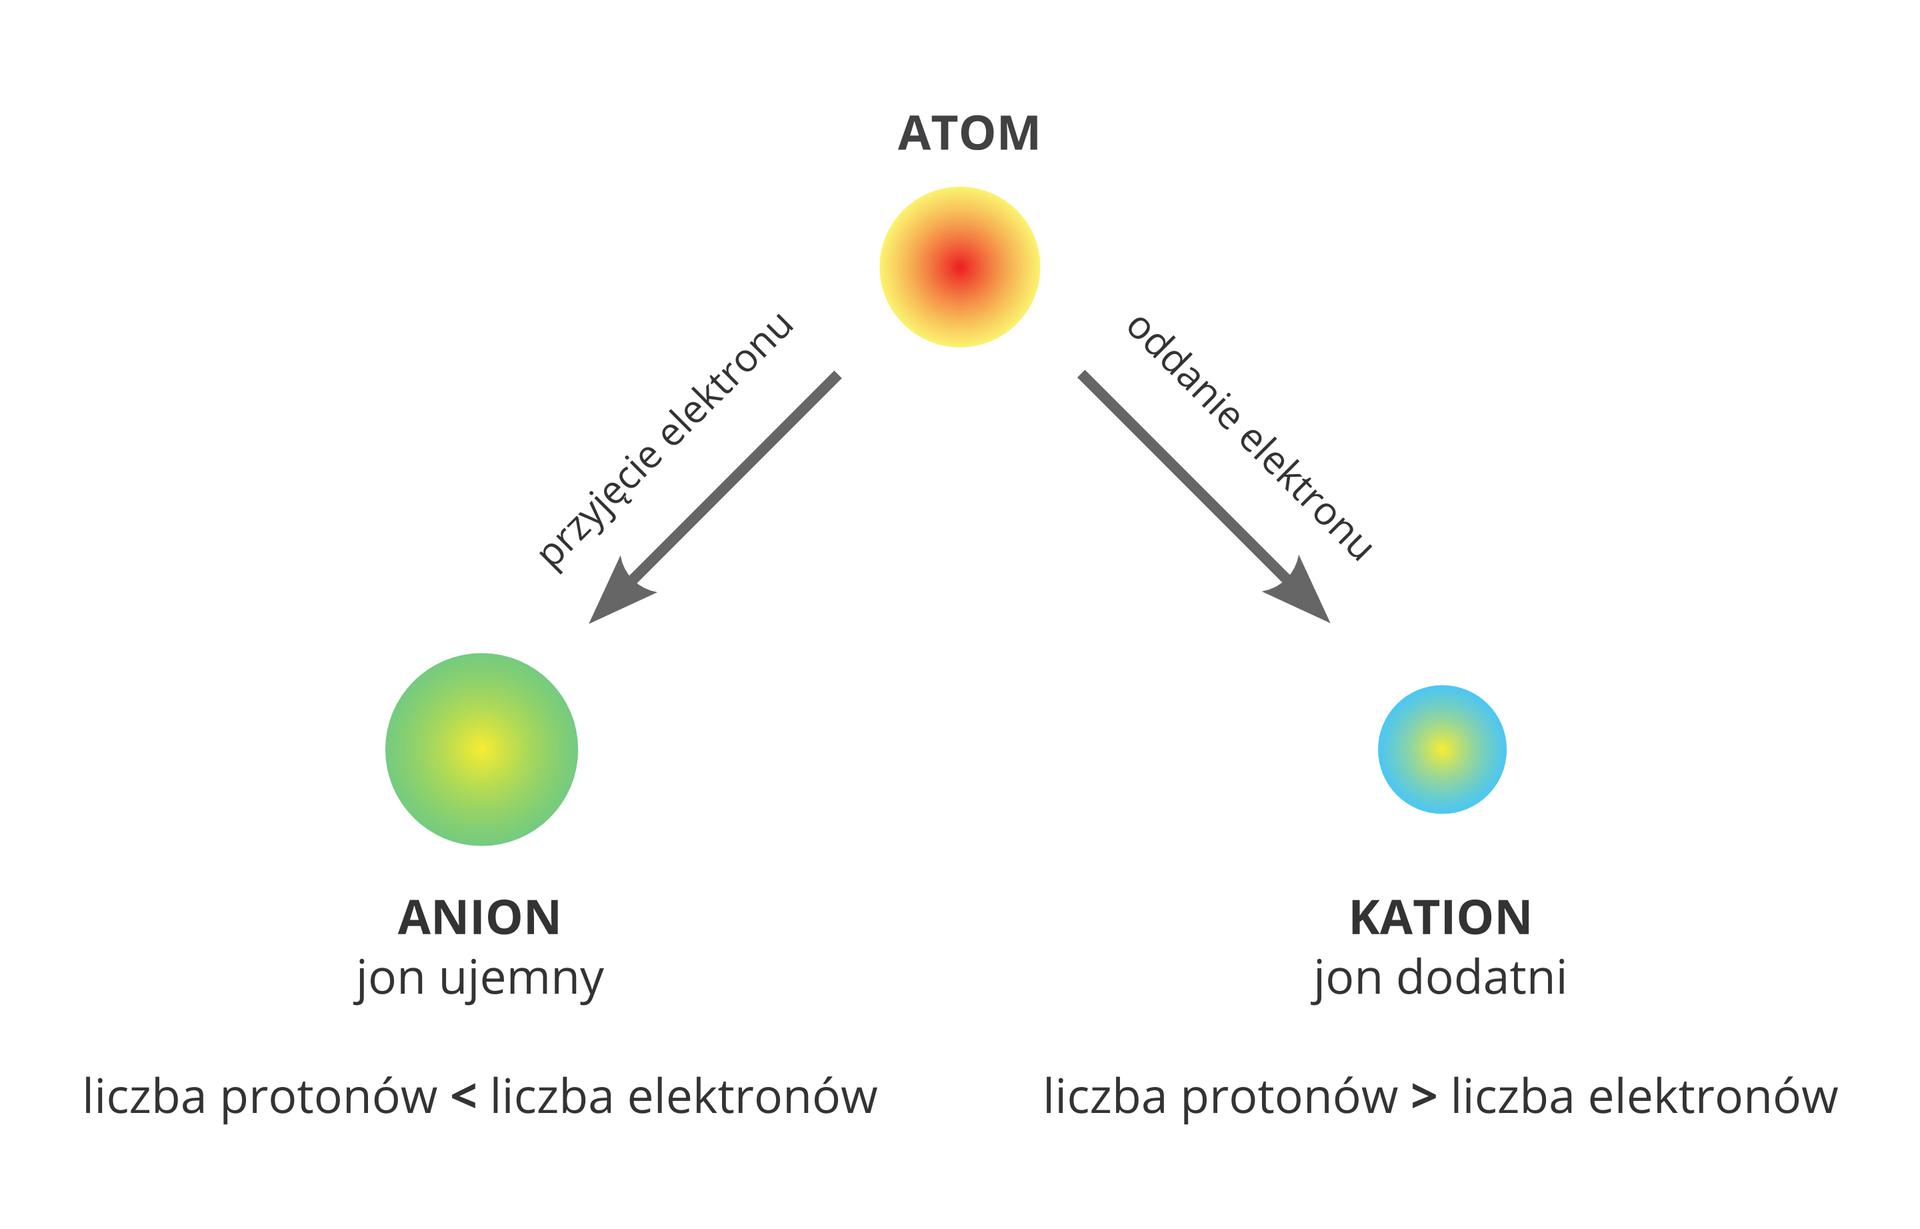 Schemat przedstawia proces przekształcania się atomów wjony ima postać grafu. Centralną górną część zajmuje żółto-czerwone koło podpisane jako Atom. Odchodzą od niego dwie strzałki skierowane wstronę kół żółto-zielonego wlewym dolnym rogu podpisanego Anion oraz żółto-niebieskiego wprawym dolnym rogu podpisanego Kation. Dodatkowe informacje zawarte wschemacie głoszą, że anion to jon ujemny wktórym liczba protonów jest mniejsza od liczby elektronów, apowstaje wwyniku przyjęcia elektronu przez atom, zaś kation to jon dodatni oliczbie protonów większej od liczby elektronów ipowstaje wwyniku oddania elektronu przez atom.